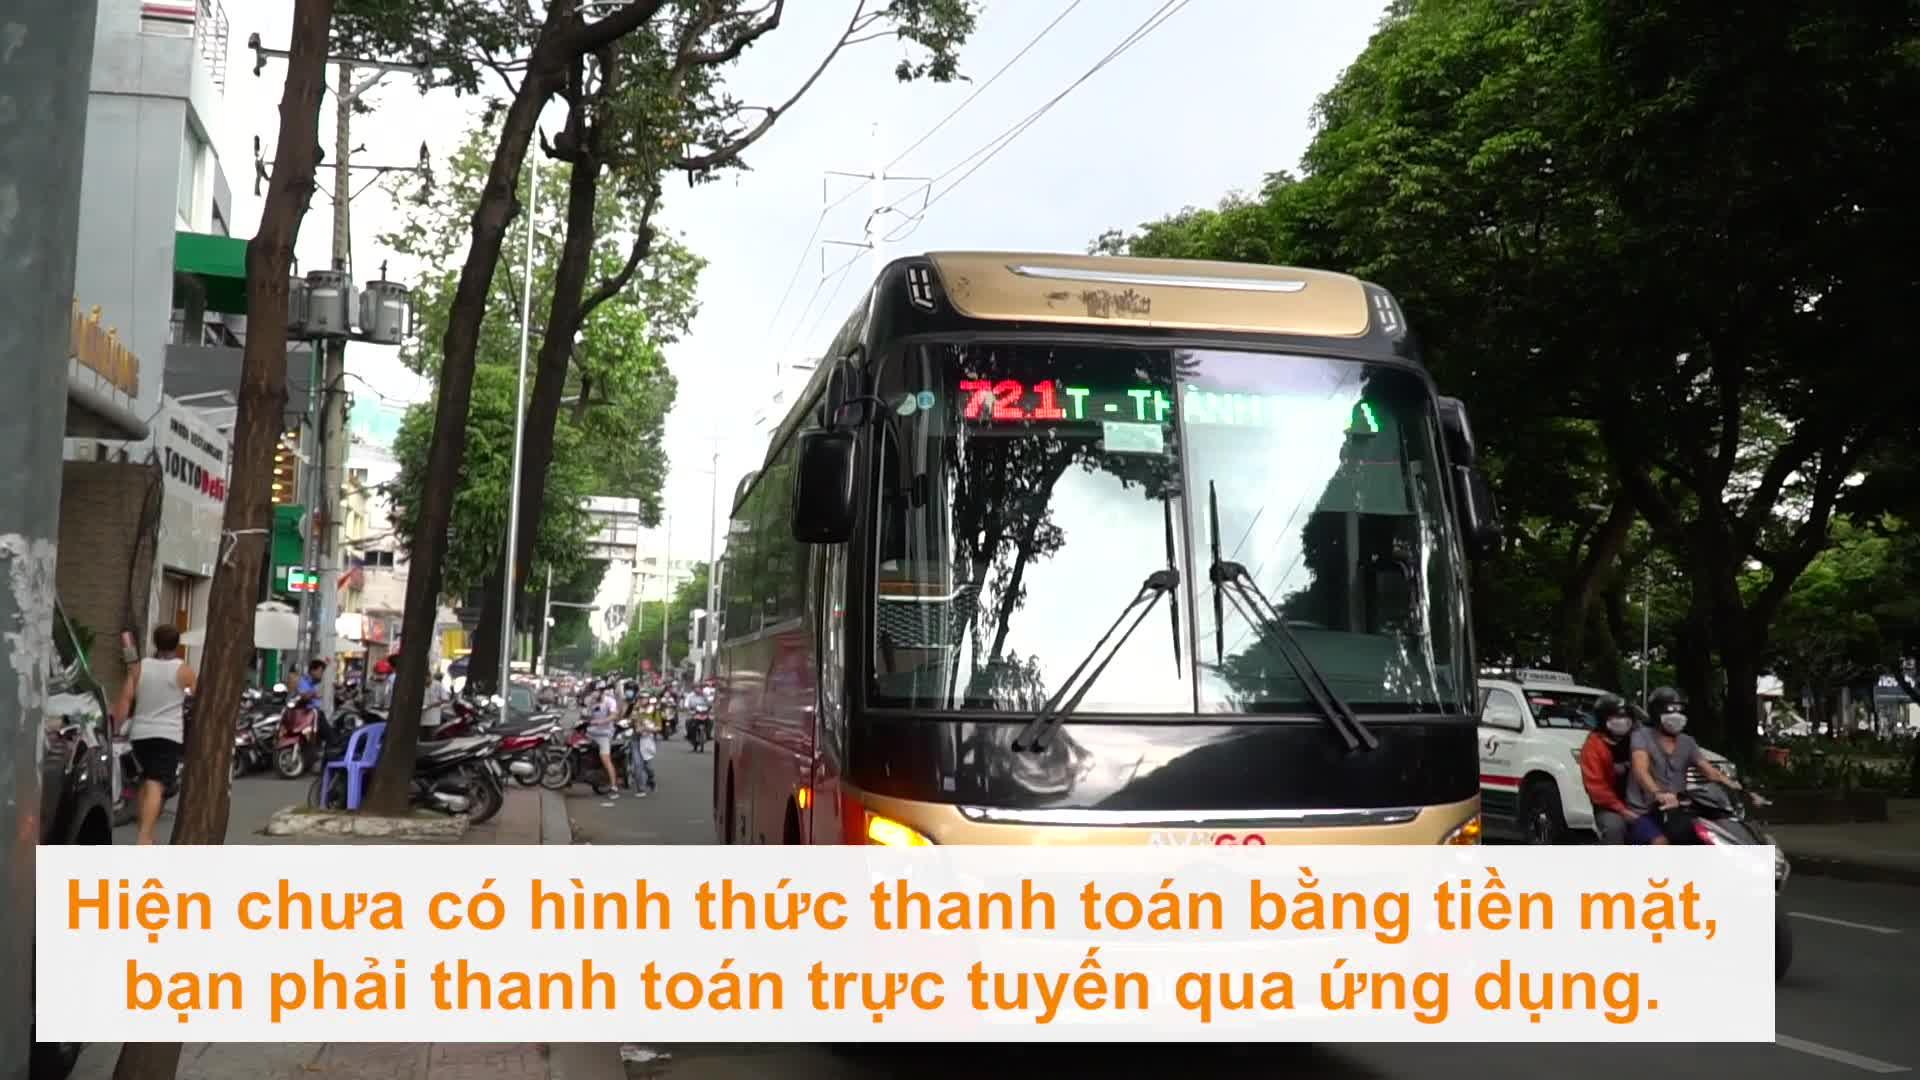 Trải nghiệm dịch vụ xe buýt mới trên ứng dụng Grab